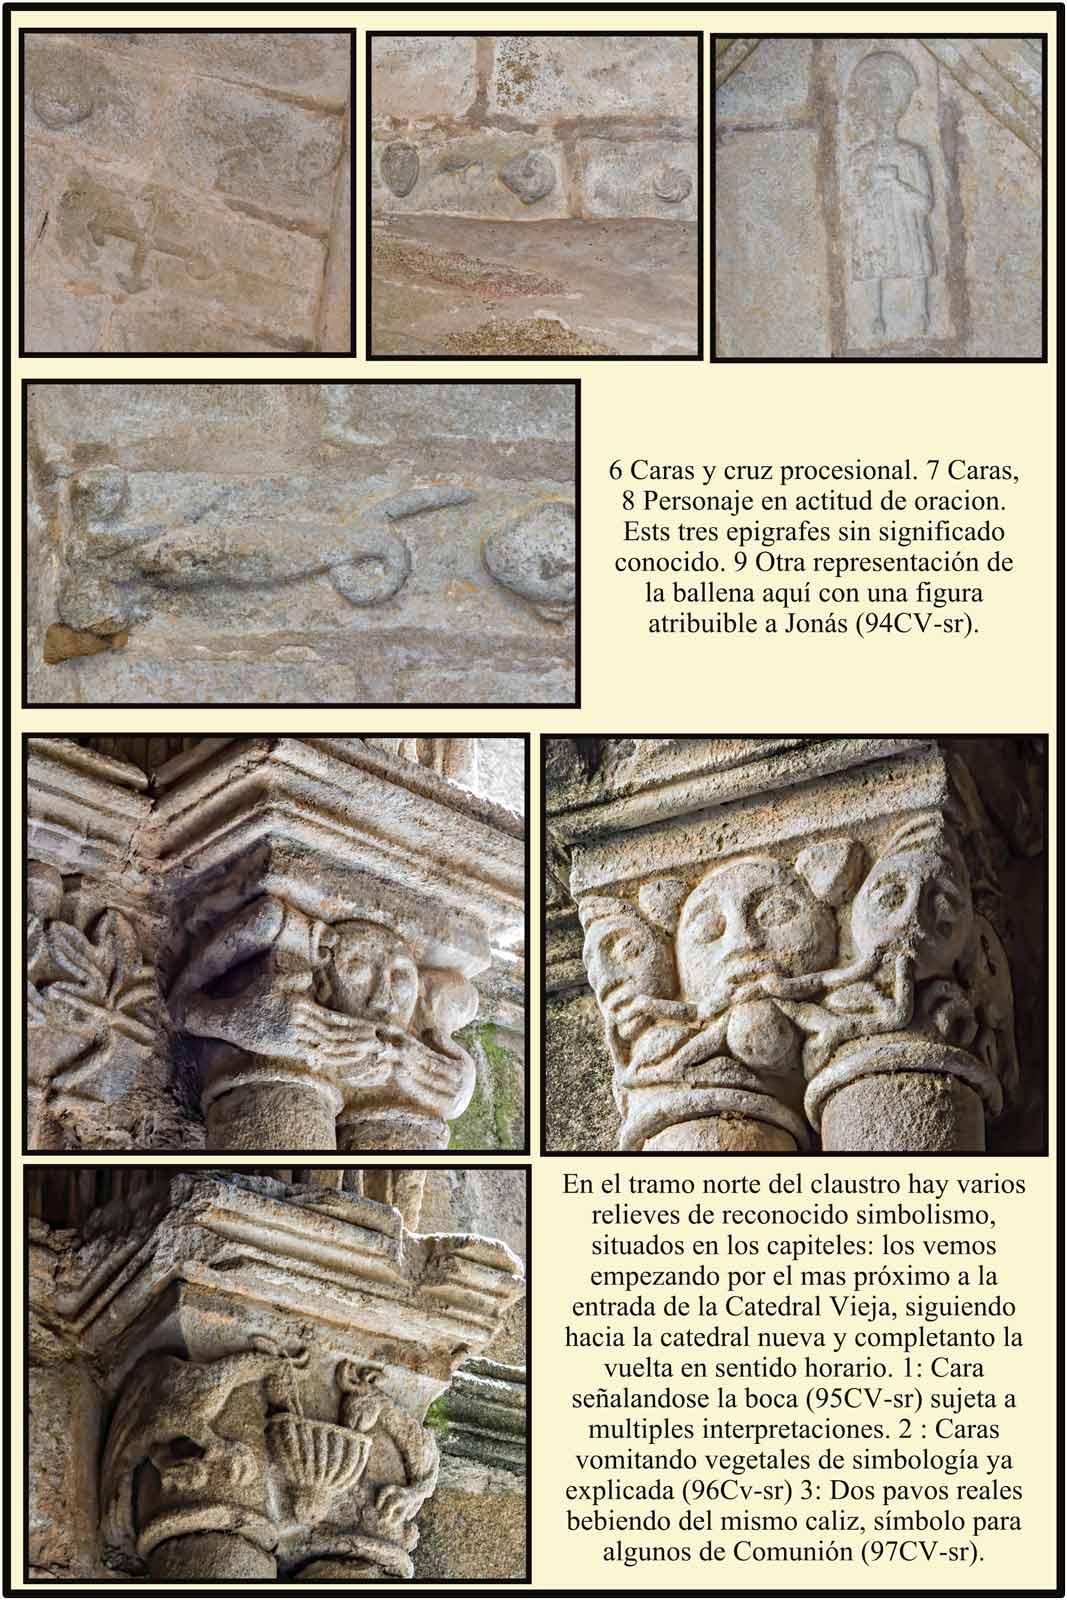 claustro de catedral vieja de Plasencia Jonas y la ballena caras vomitando vegetales